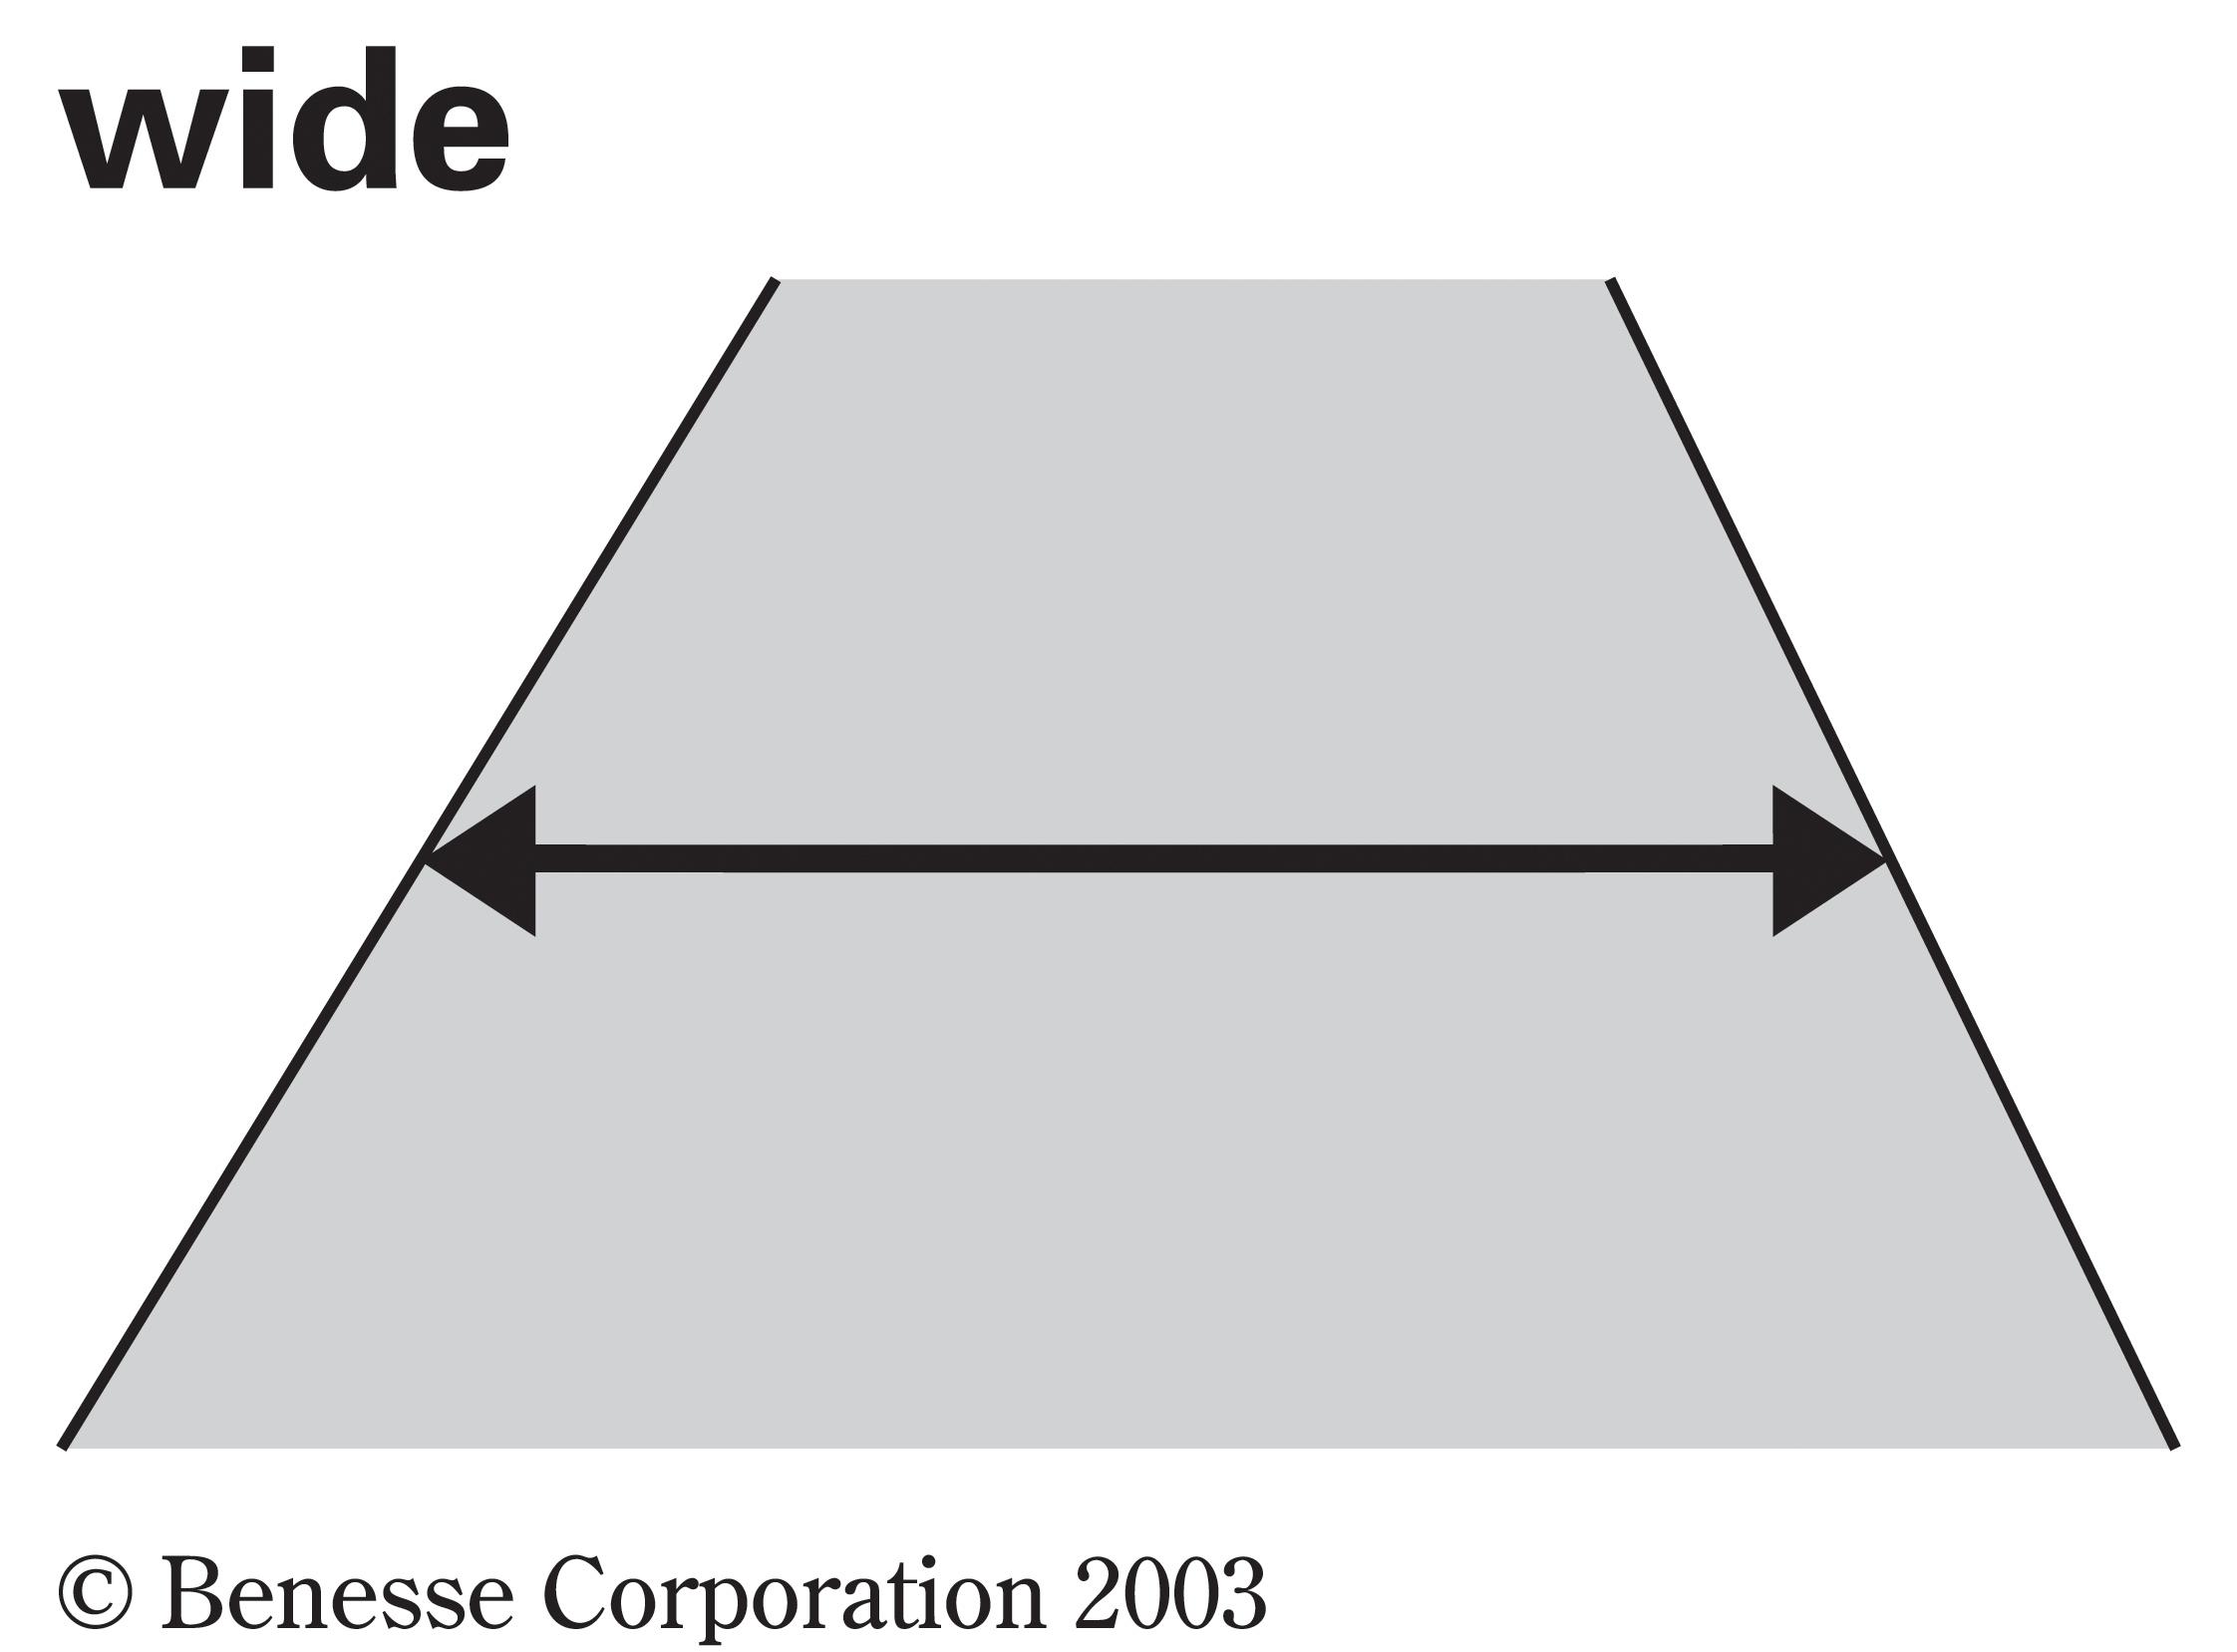 wide01.jpg